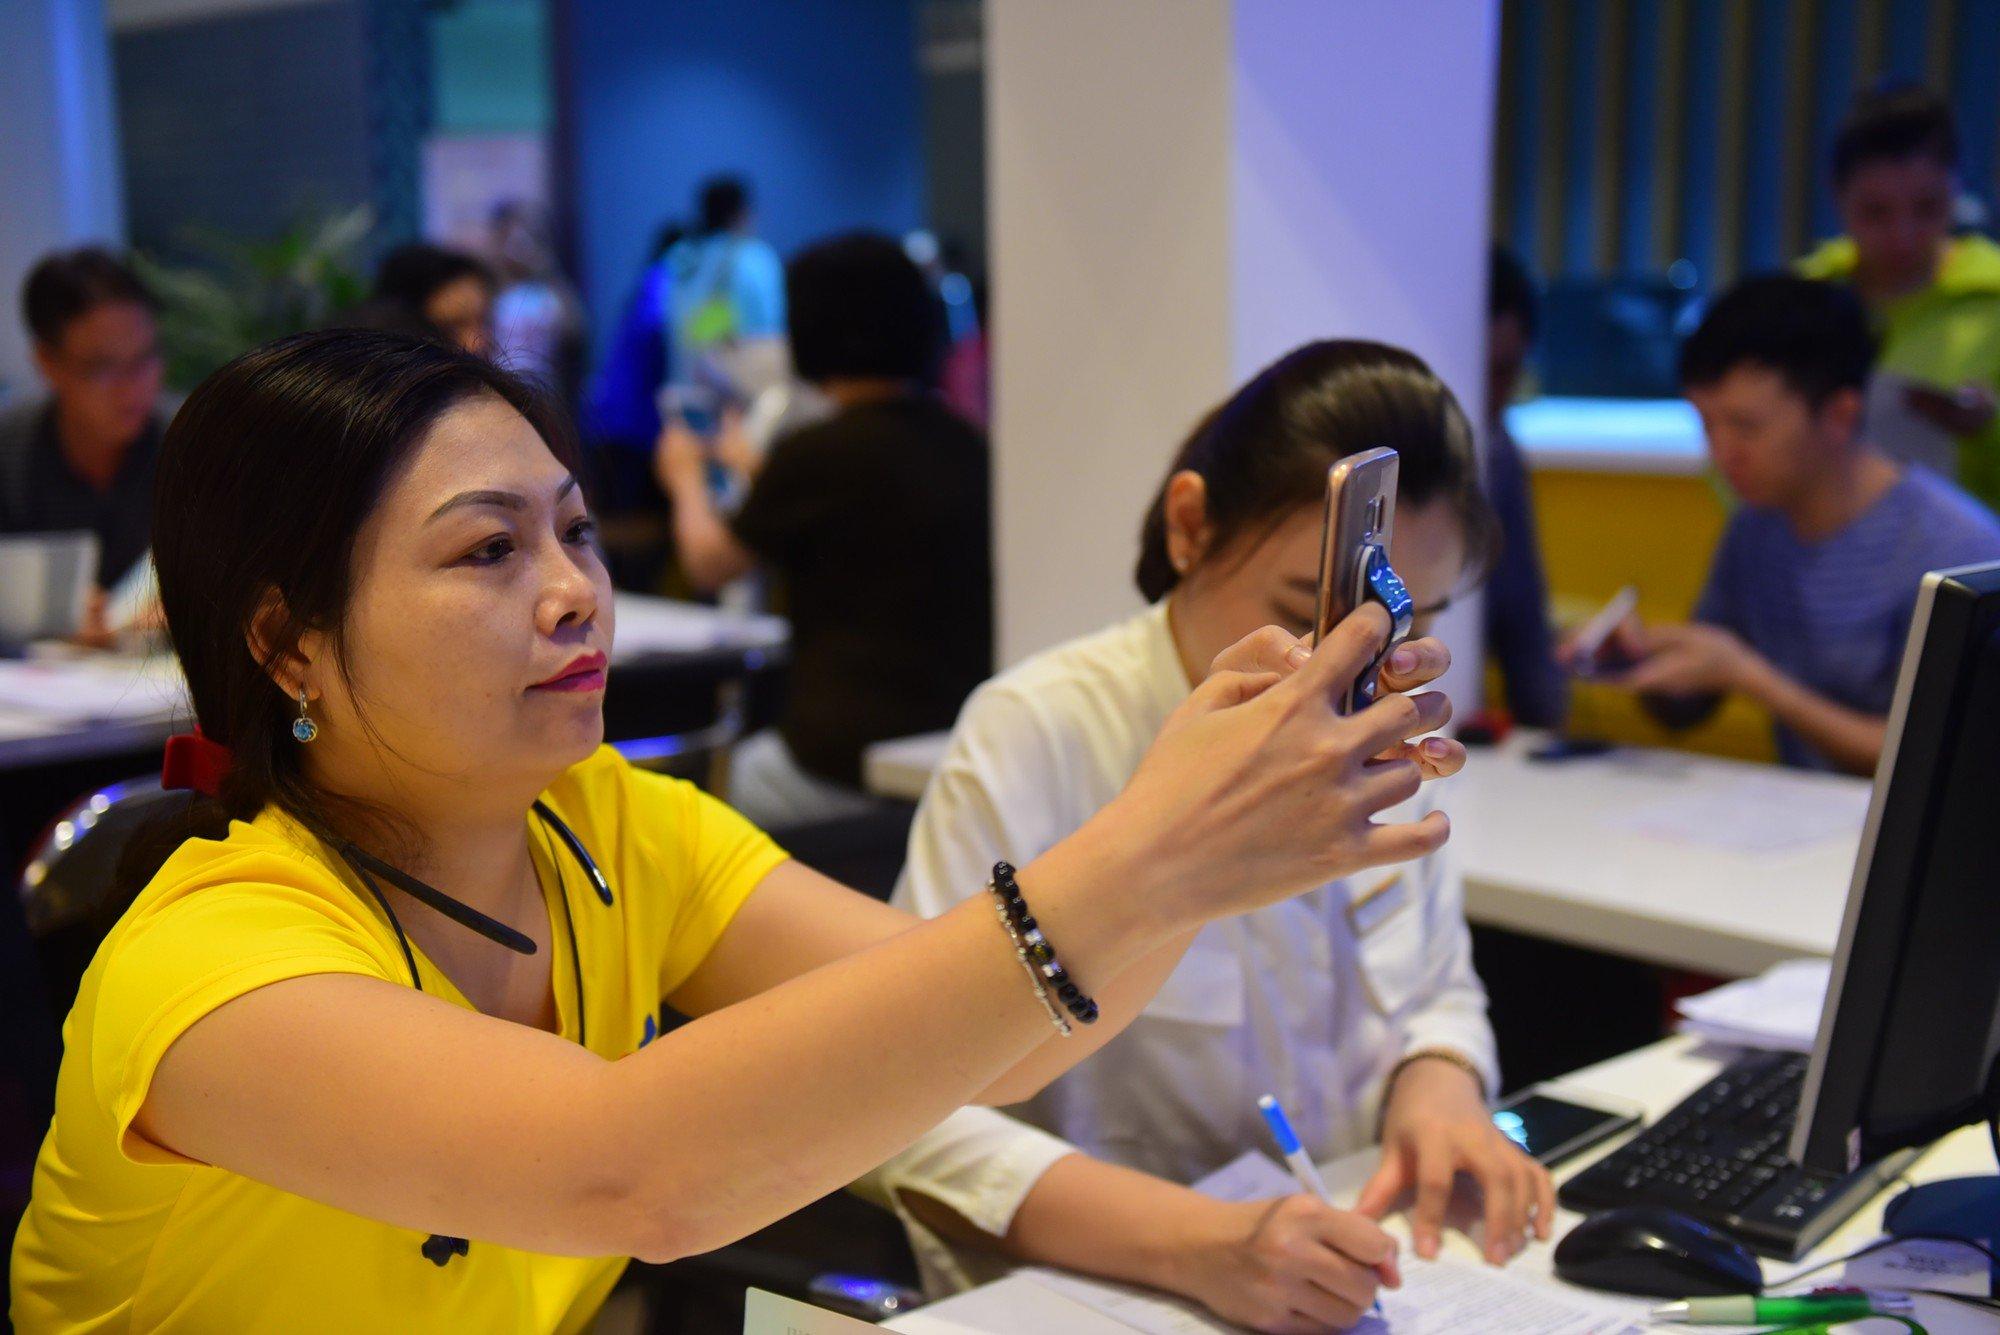 Người Sài Gòn xếp hàng cả sáng Chủ nhật chờ chụp hình chân dung cập nhật thuê bao di động 16